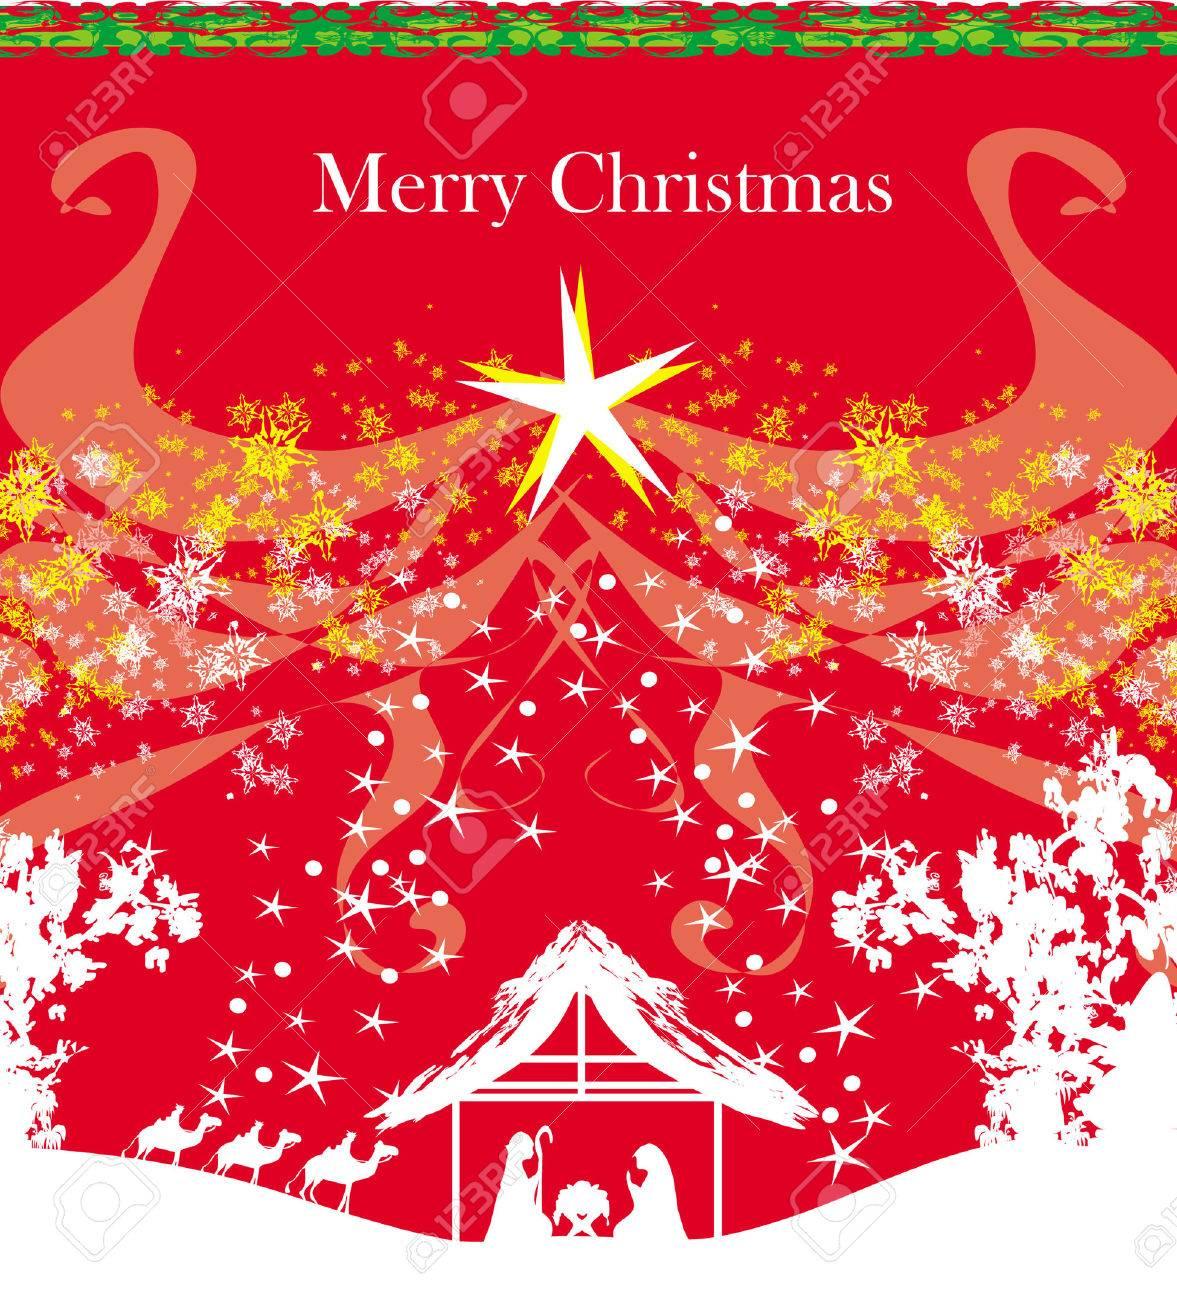 Biblical scene - birth of Jesus in Bethlehem. - 29860052